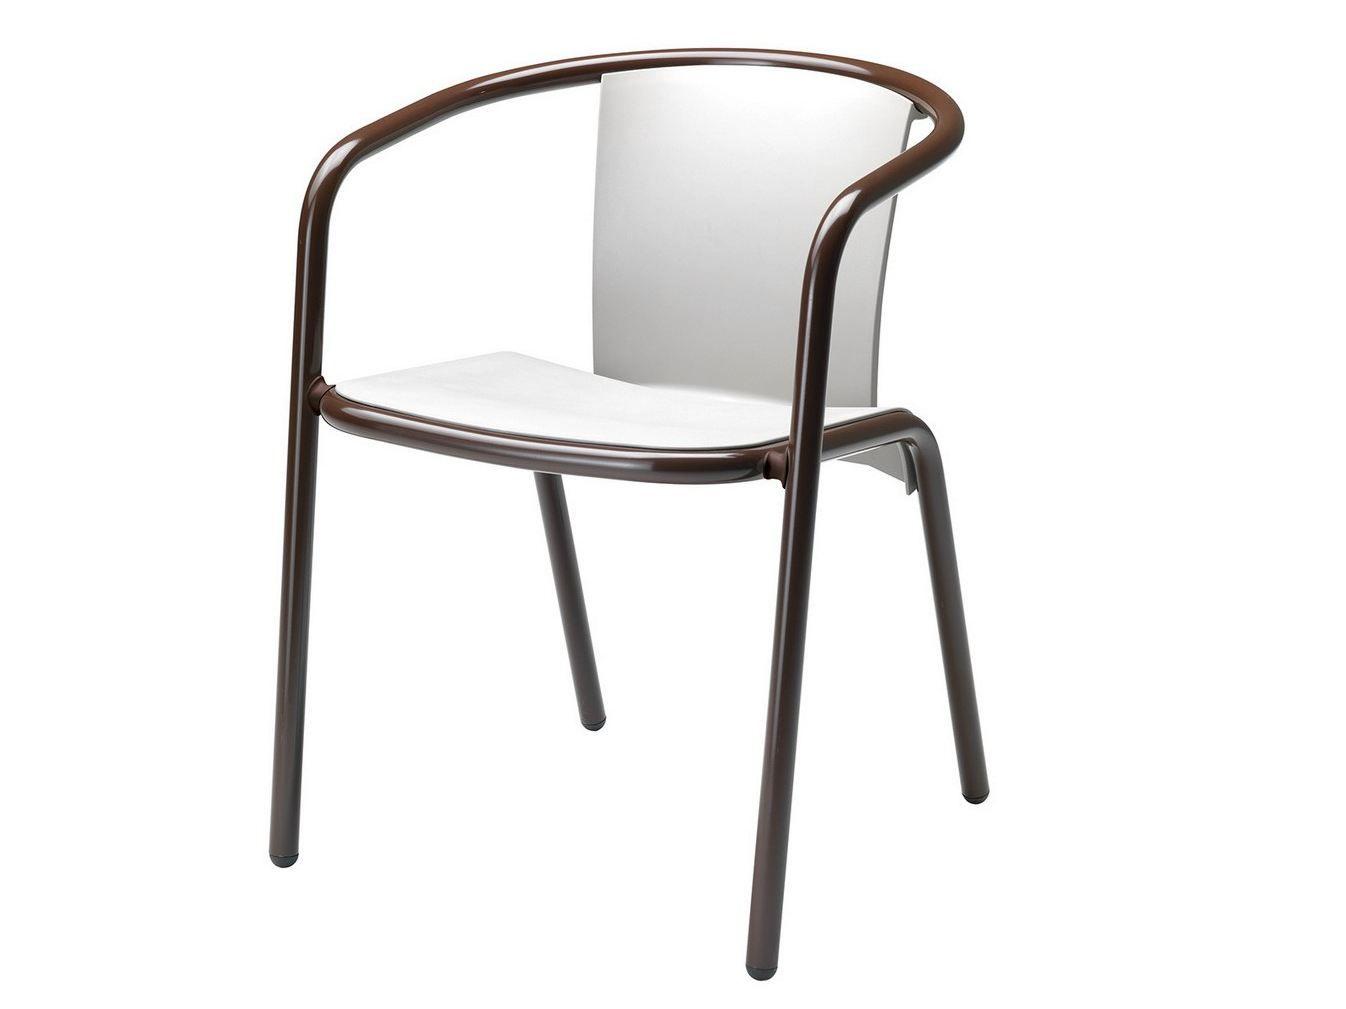 MARÉ 539 Cadeira Coleção Maré by Metalmobil design Marc Sadler